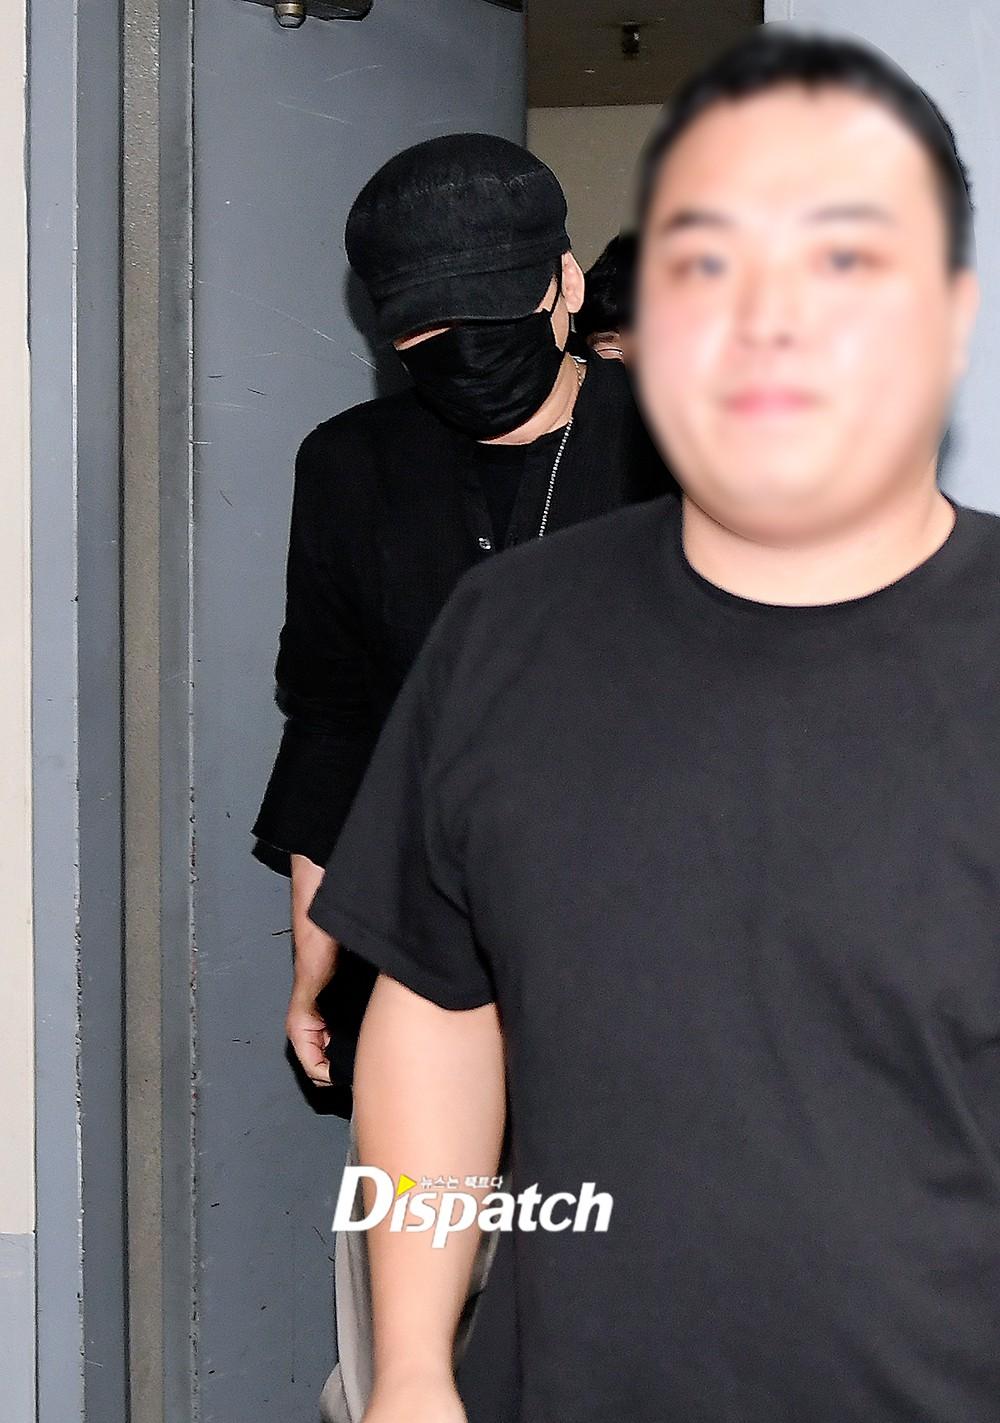 NÓNG: Cựu chủ tịch YG lần đầu trình diện cảnh sát vào nửa đêm, đeo khẩu trang trốn truyền thông bằng lối ra hầm đỗ xe - Ảnh 2.